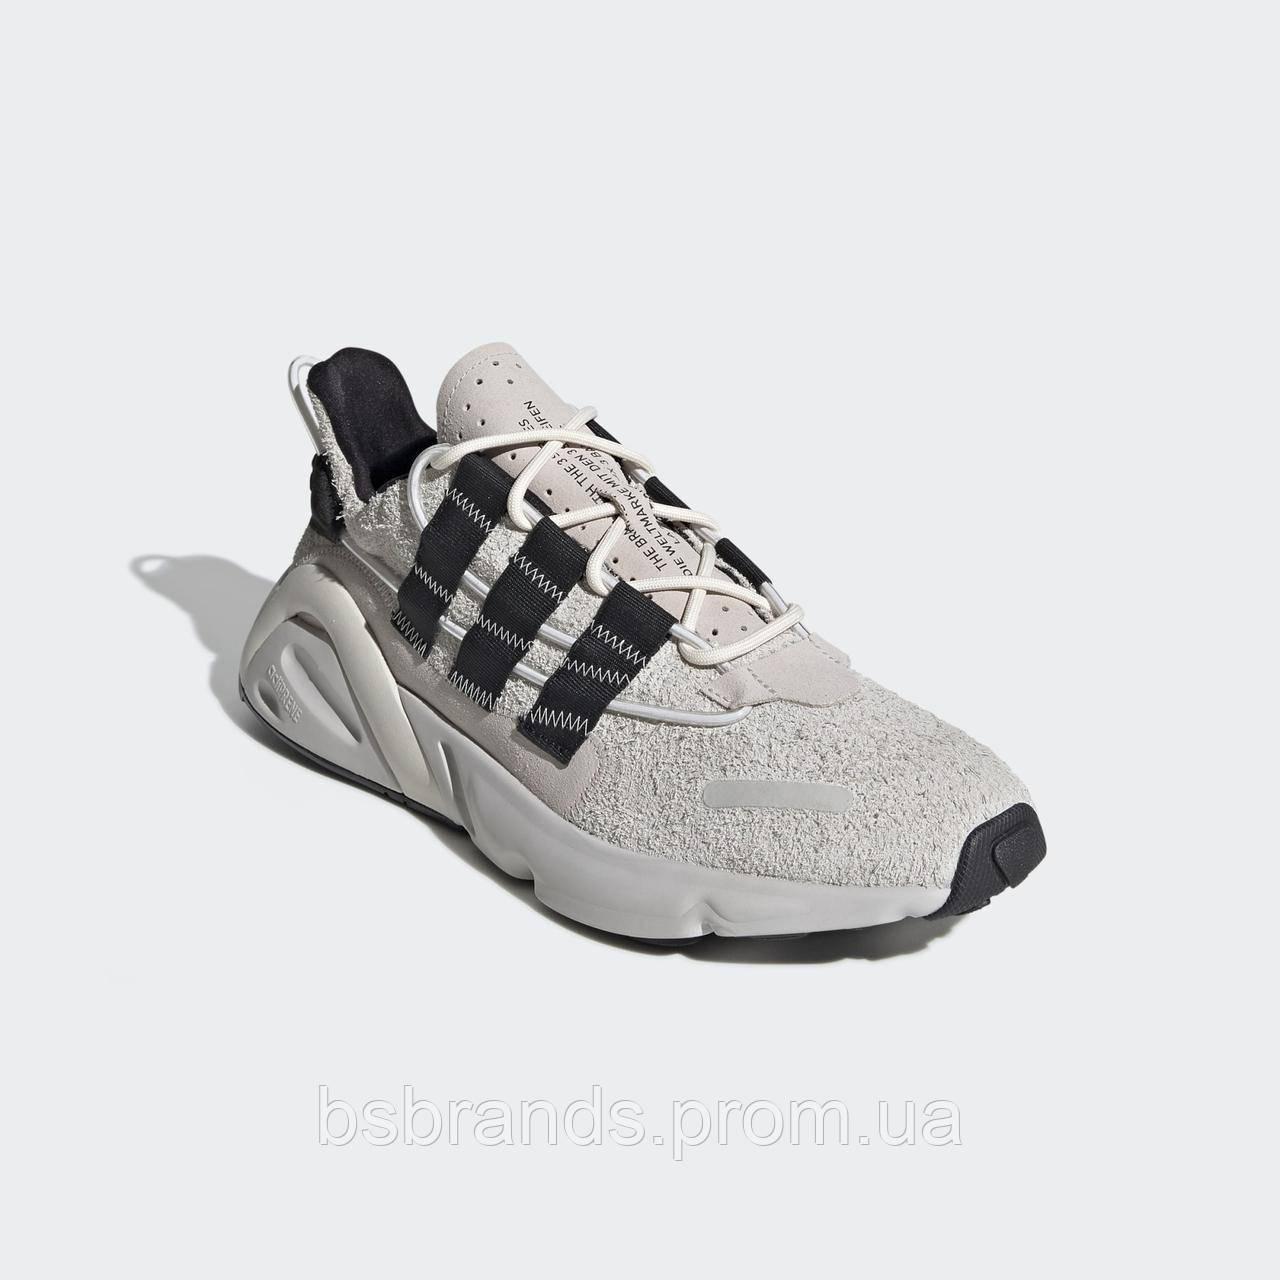 Чоловічі кросівки adidas LXCON EF4027(2020/1)